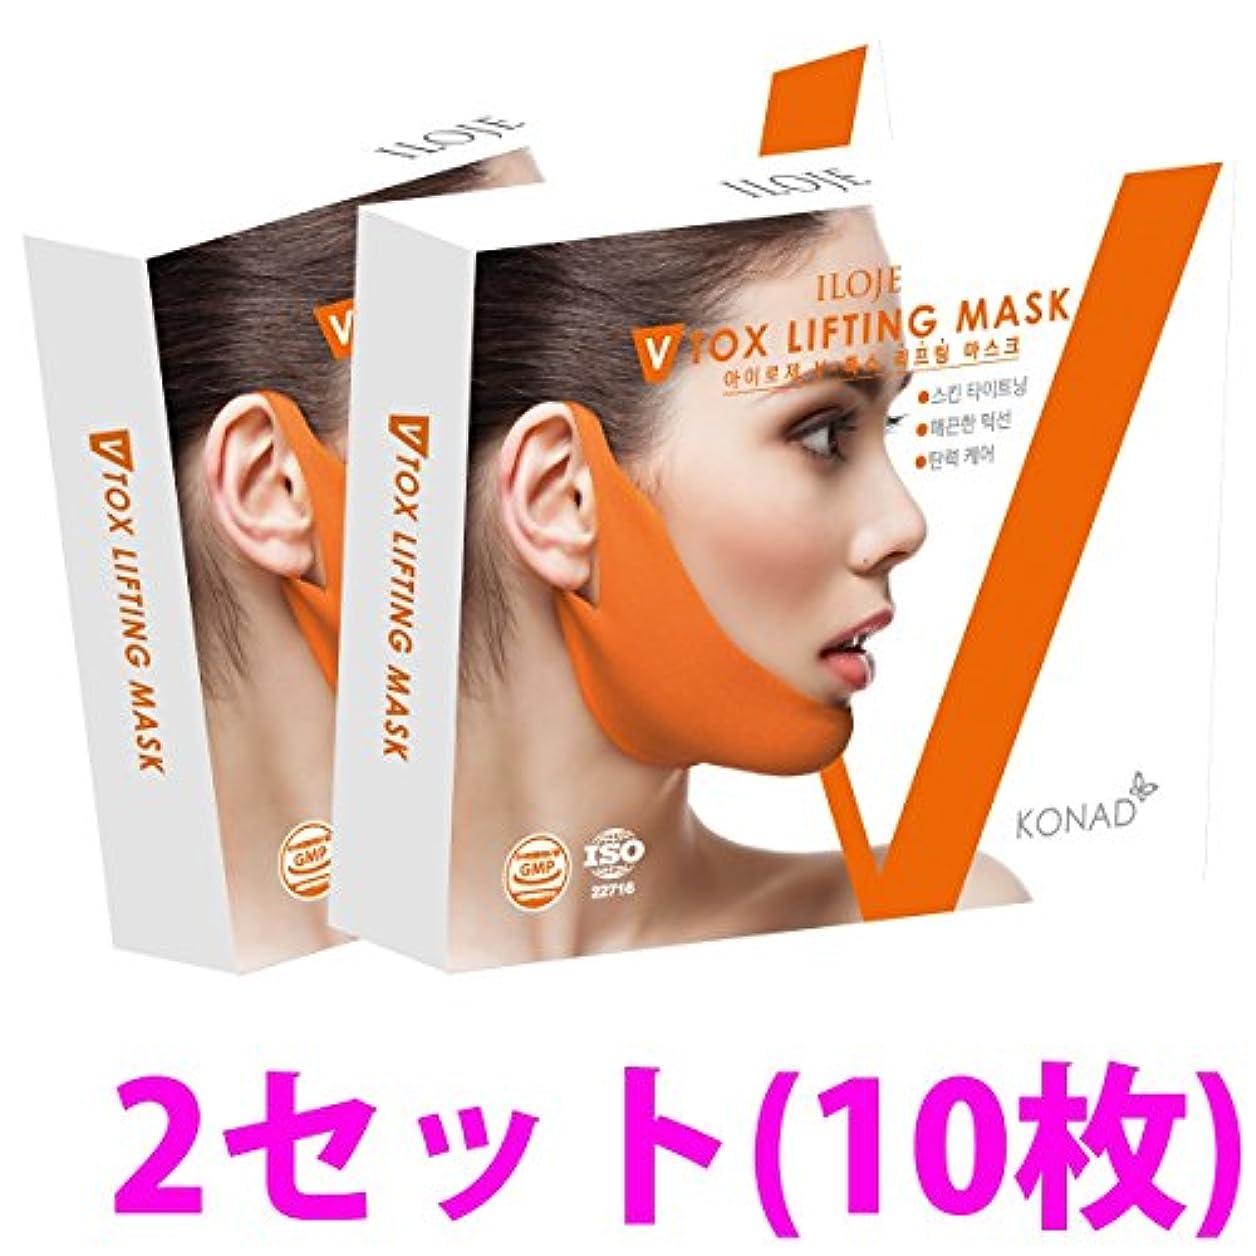 不安接触ペニー女性の年齢は顎の輪郭で決まる!V-TOXリフティングマスクパック 2セット(10枚)